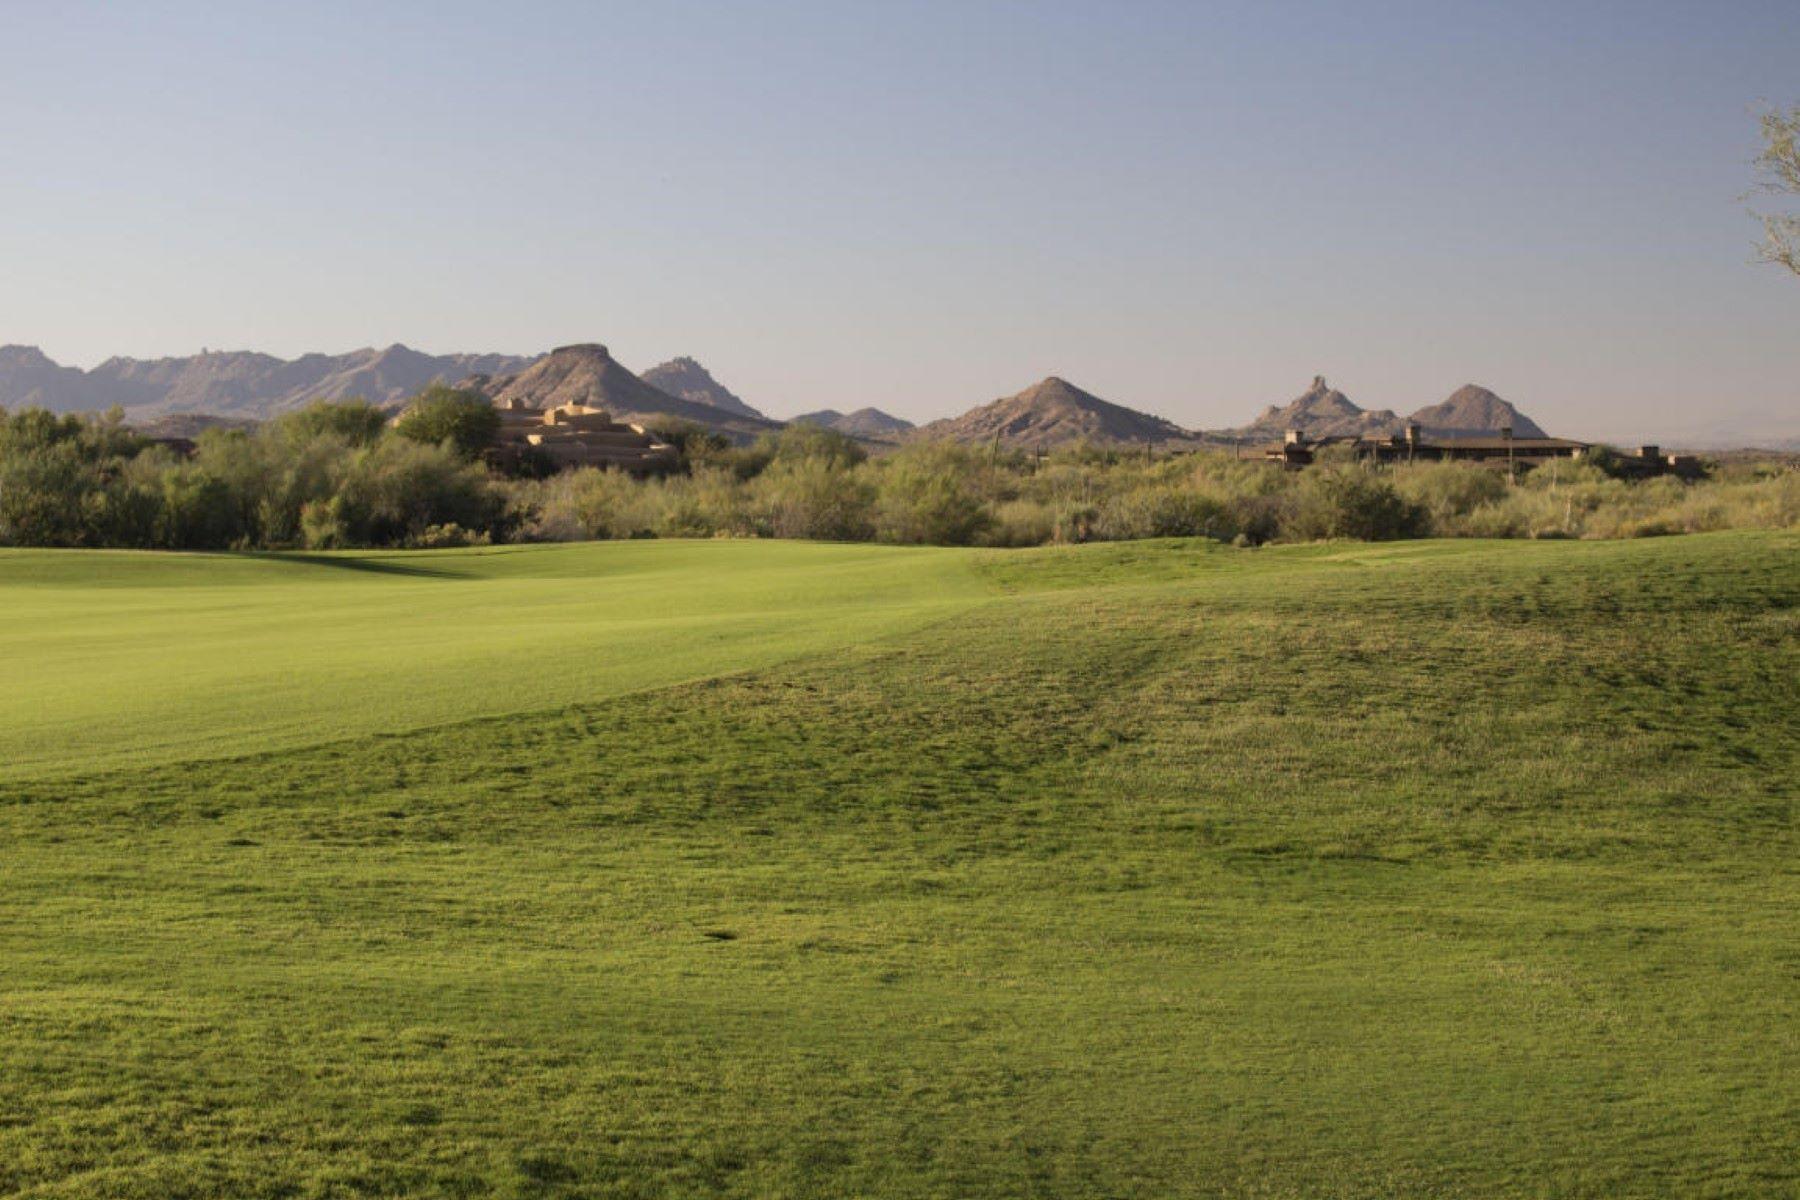 Terreno por un Venta en South facing fairway lot on the 1st hole of the Mirabel Club golf course 37655 N 104th Pl #34 Scottsdale, Arizona, 85262 Estados Unidos